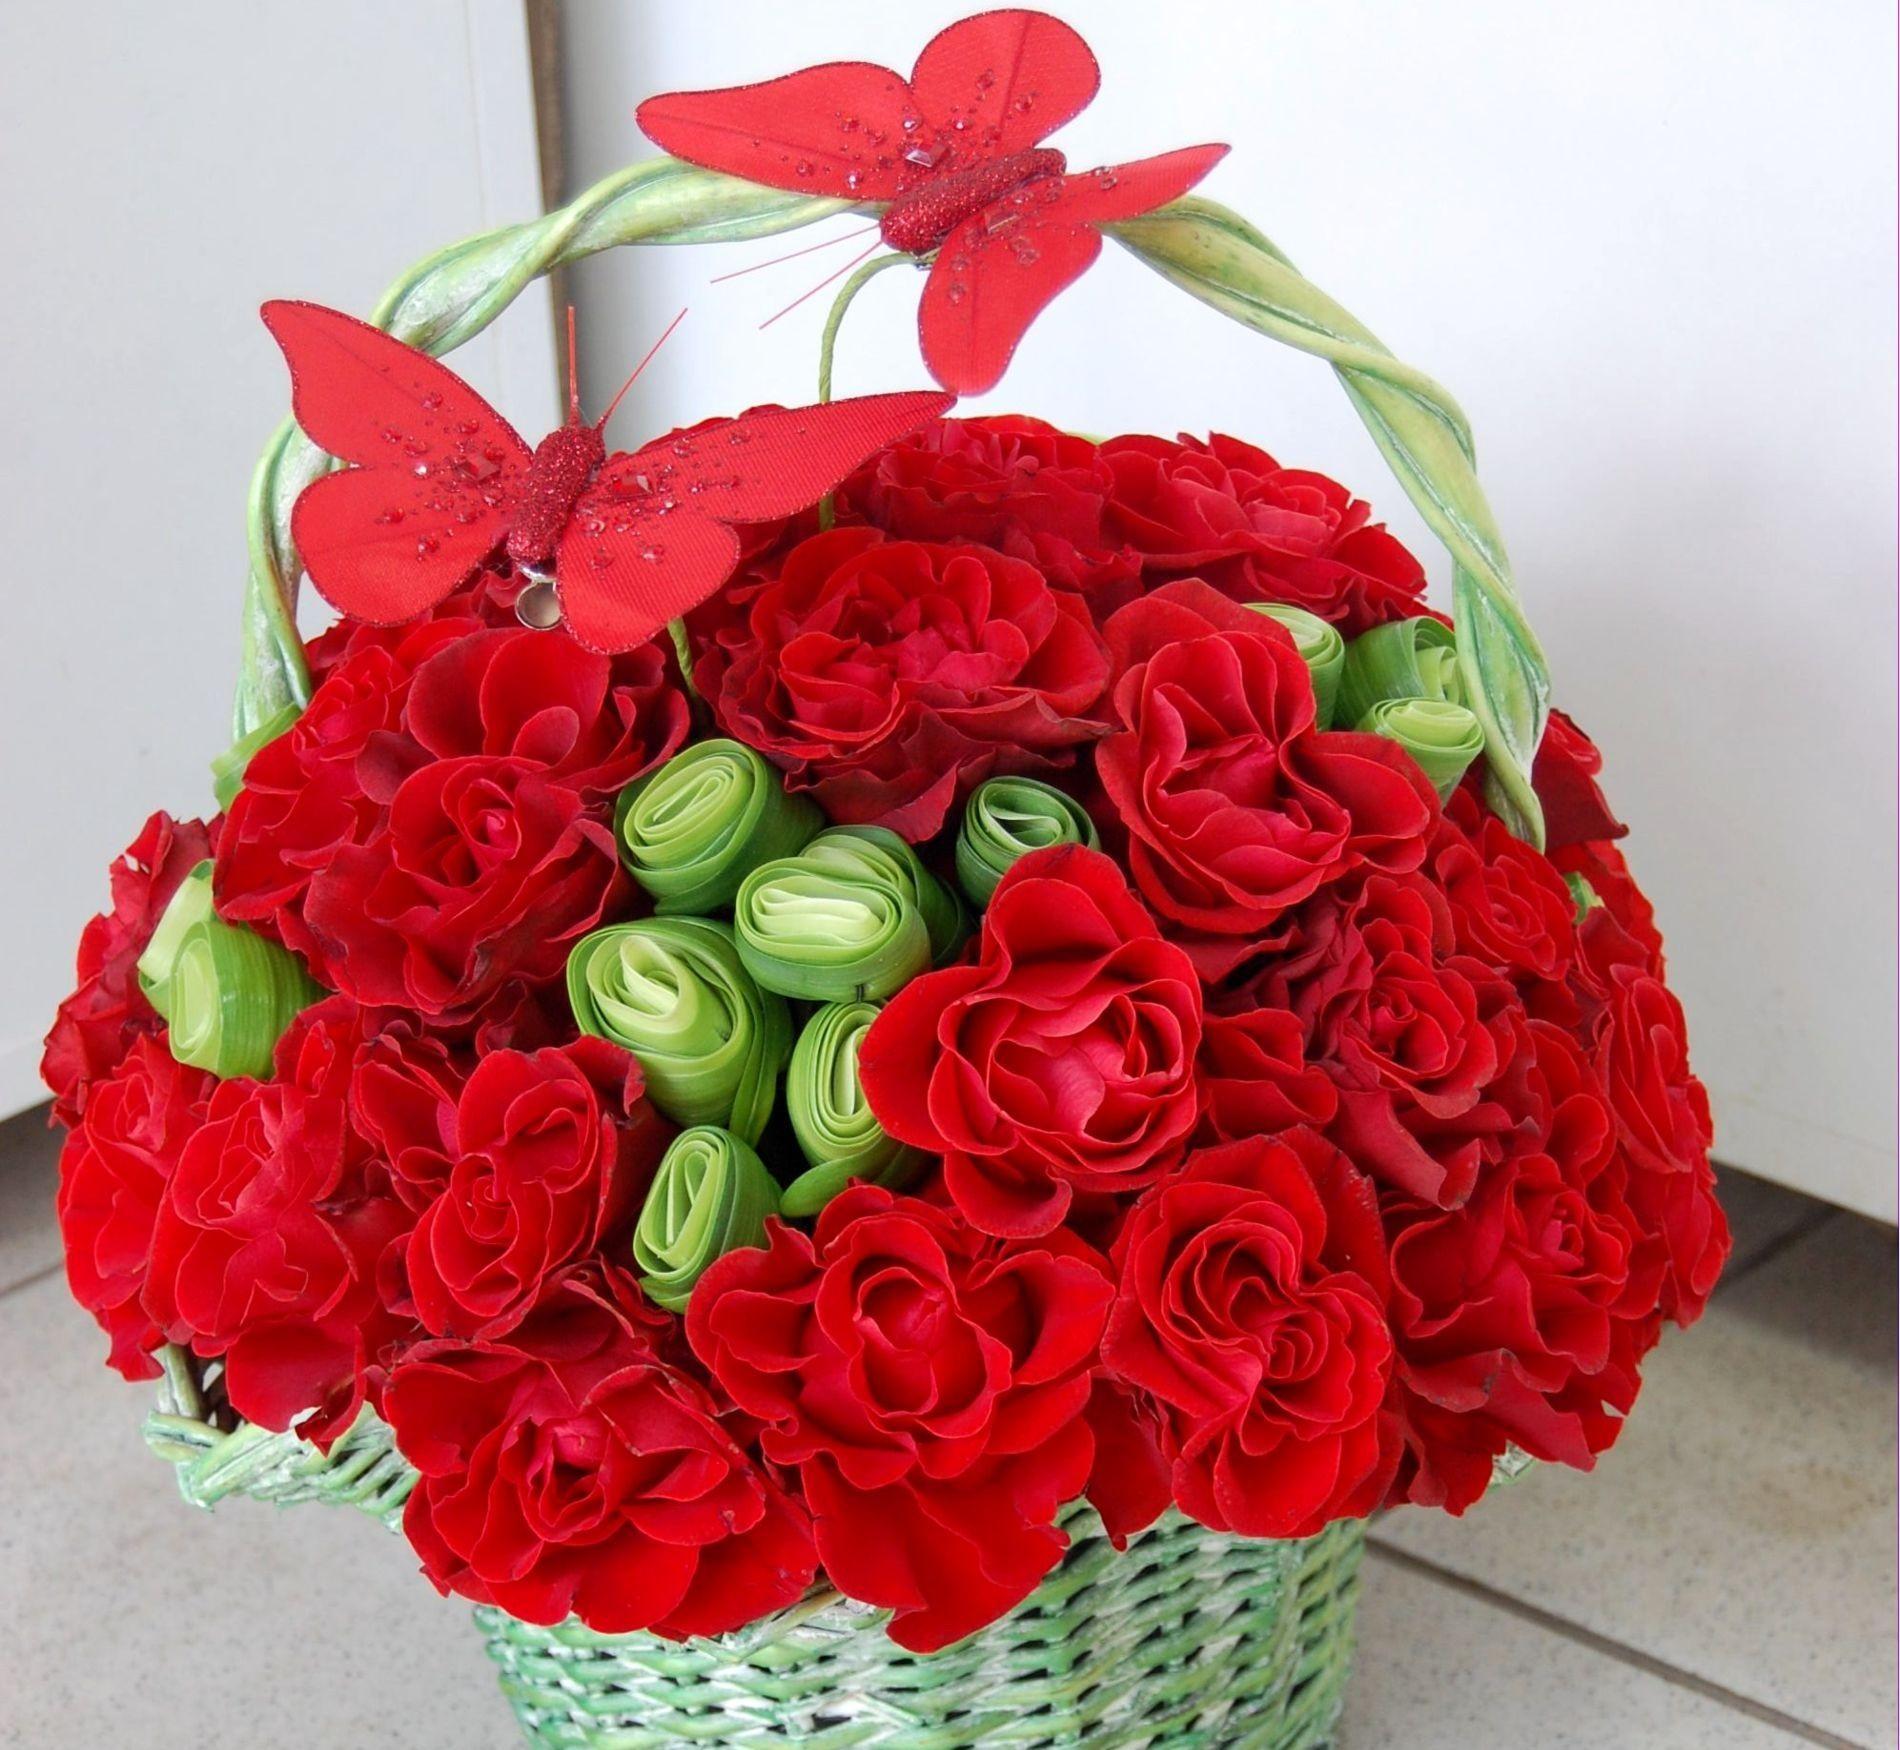 66489 скачать обои Цветы, Корзина, Композиция, Бабочки, Розы - заставки и картинки бесплатно